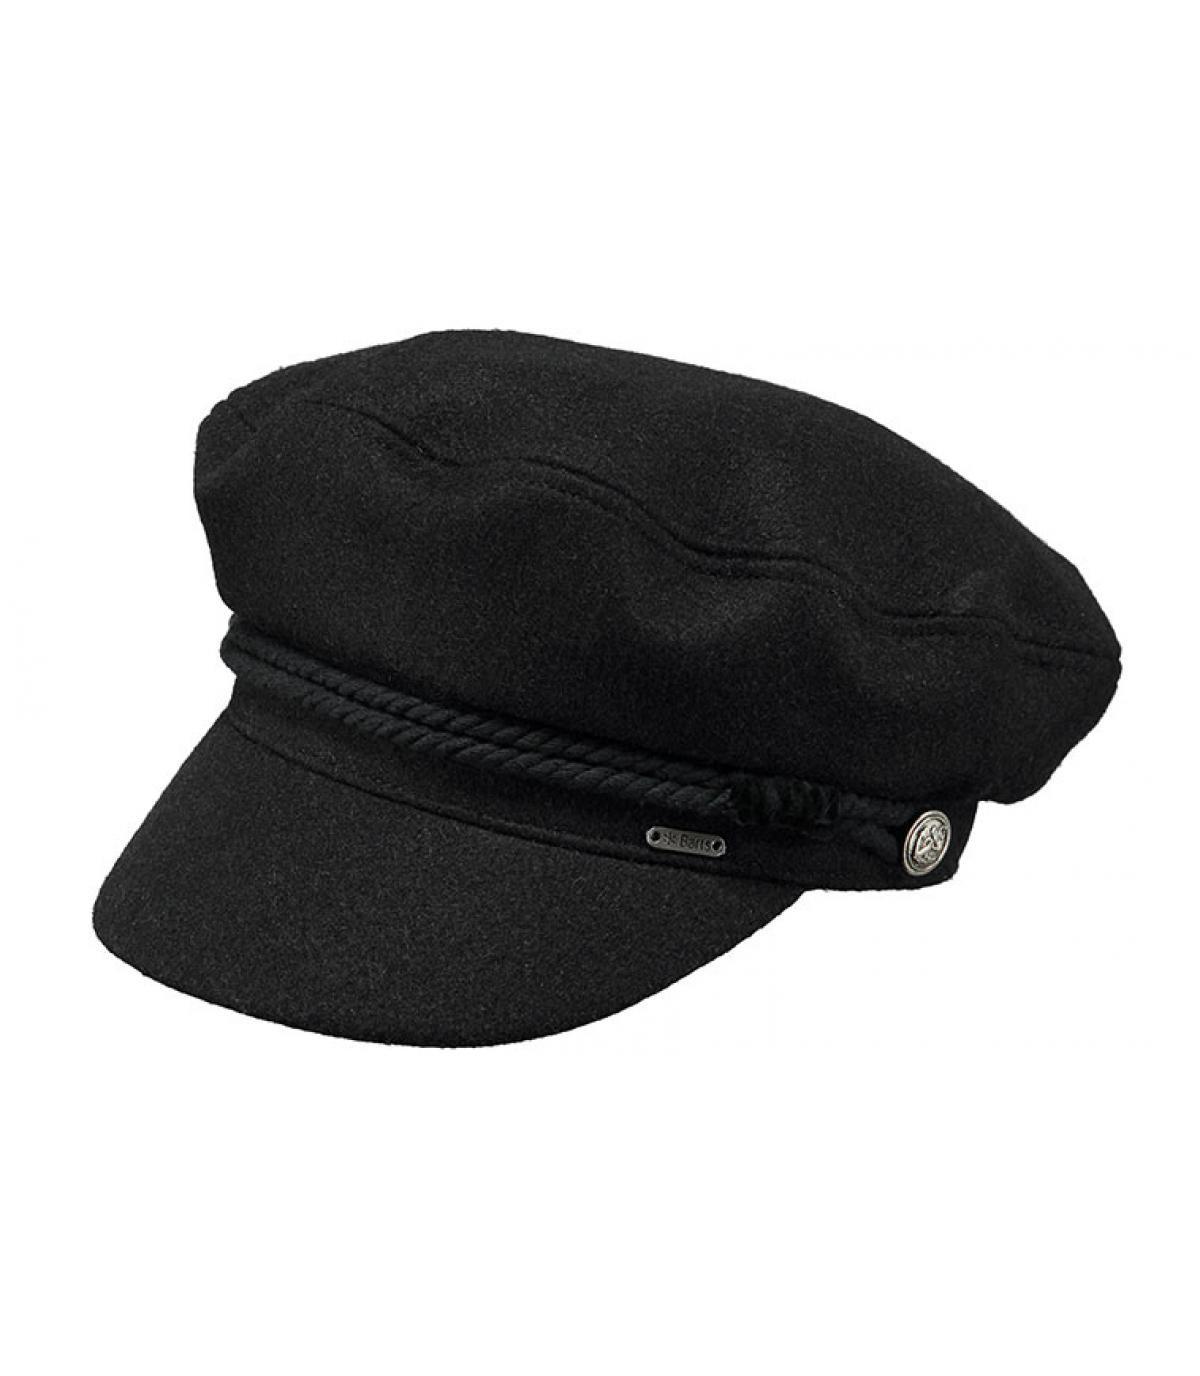 Détails Skipper Cap black - image 2